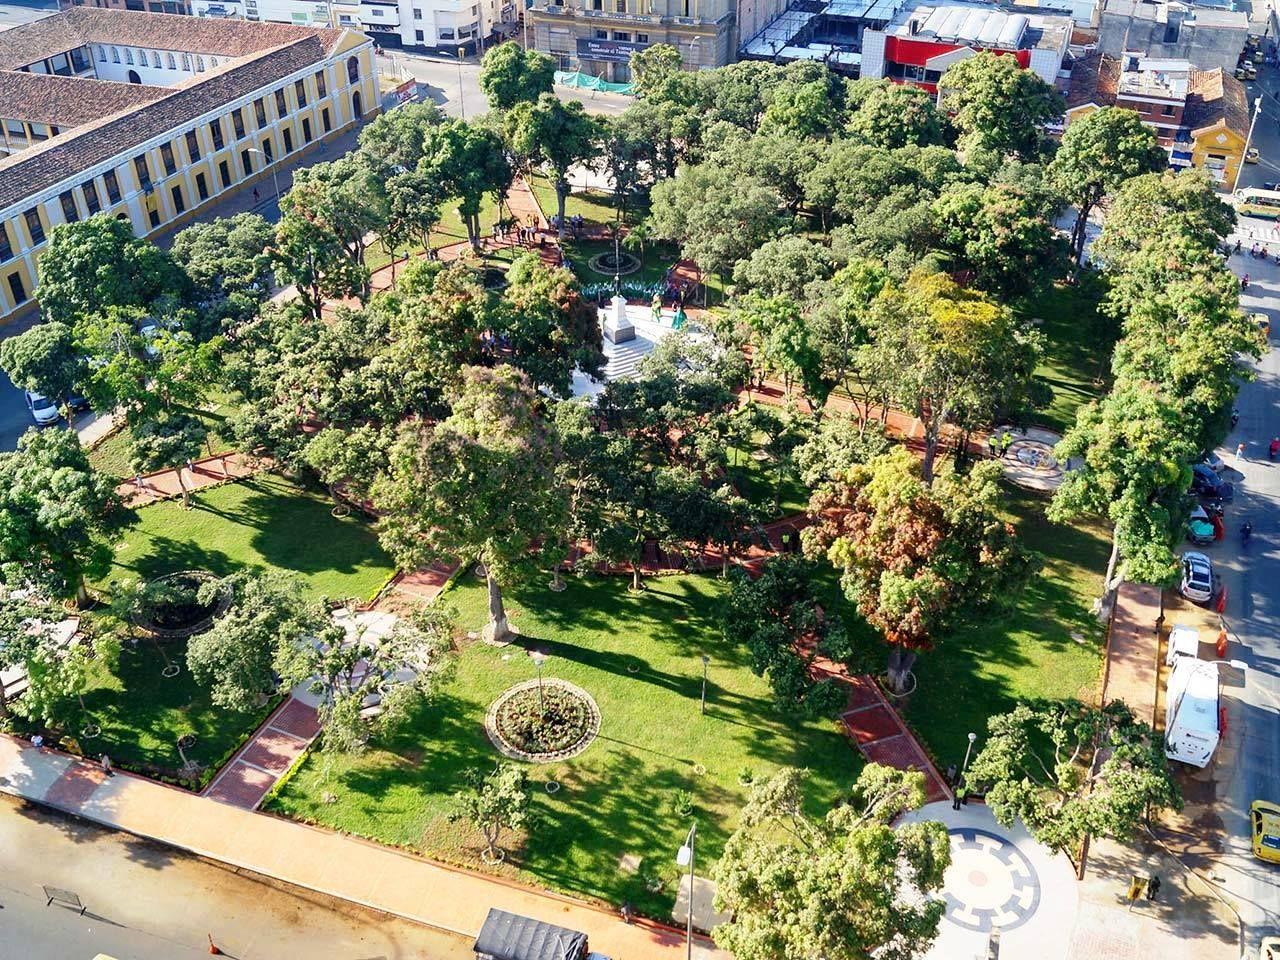 Colombia - Parque Centenario y antiguo colegio del Pilar, Bucaramanga, Santander.